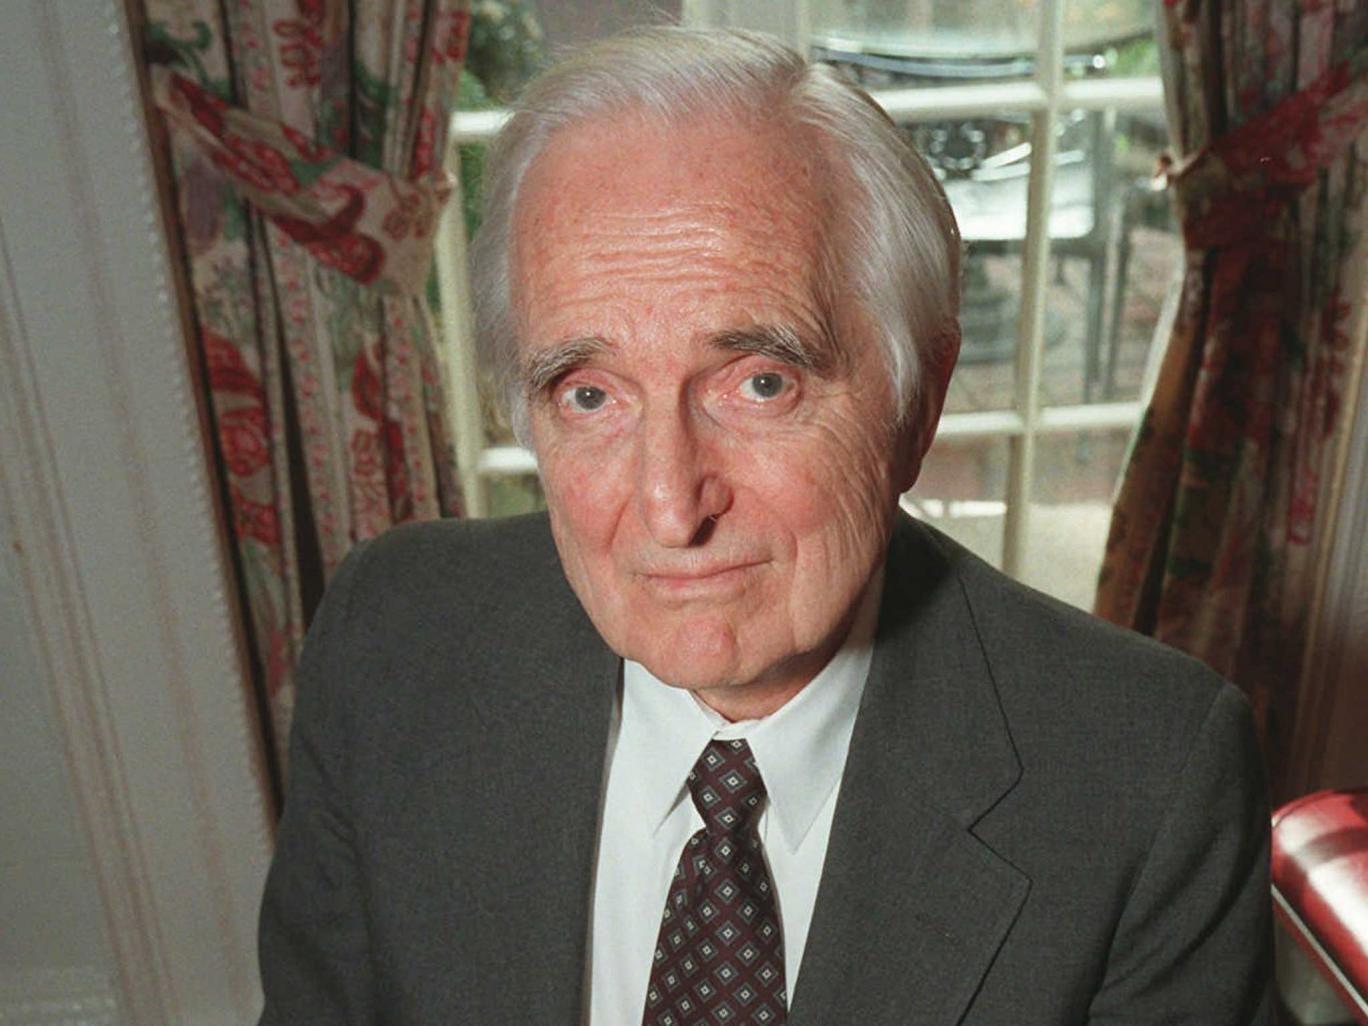 Doug Engelbart died from acute kidney failure